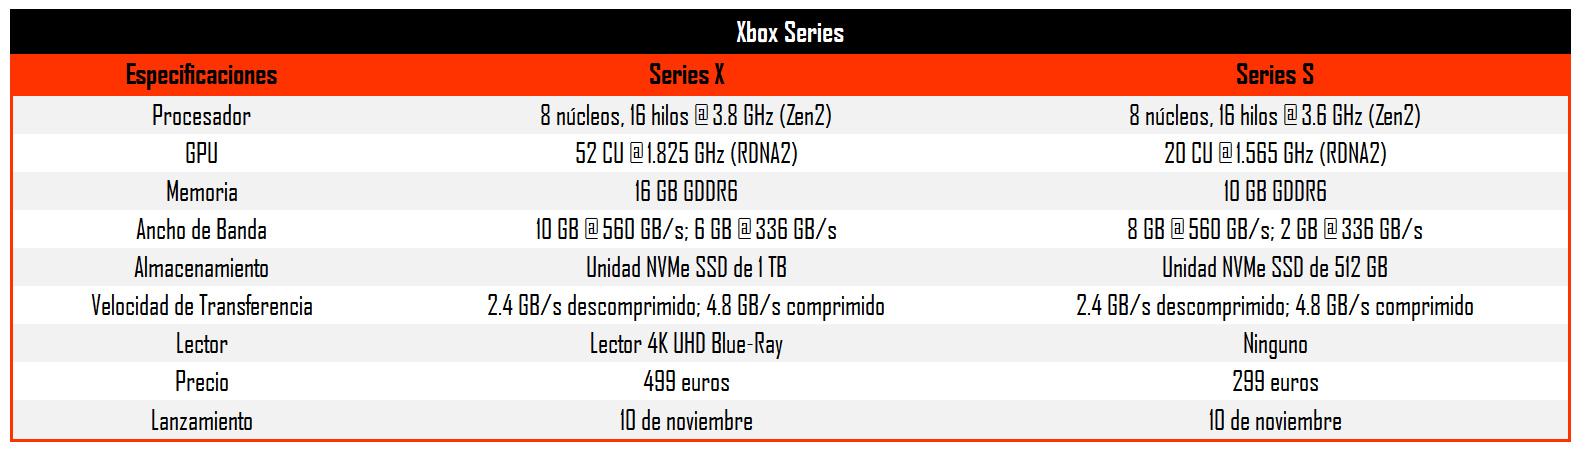 Diferencias principales entre la Xbox Series X y Xbox Series S - Imagen vía 3DJuegos